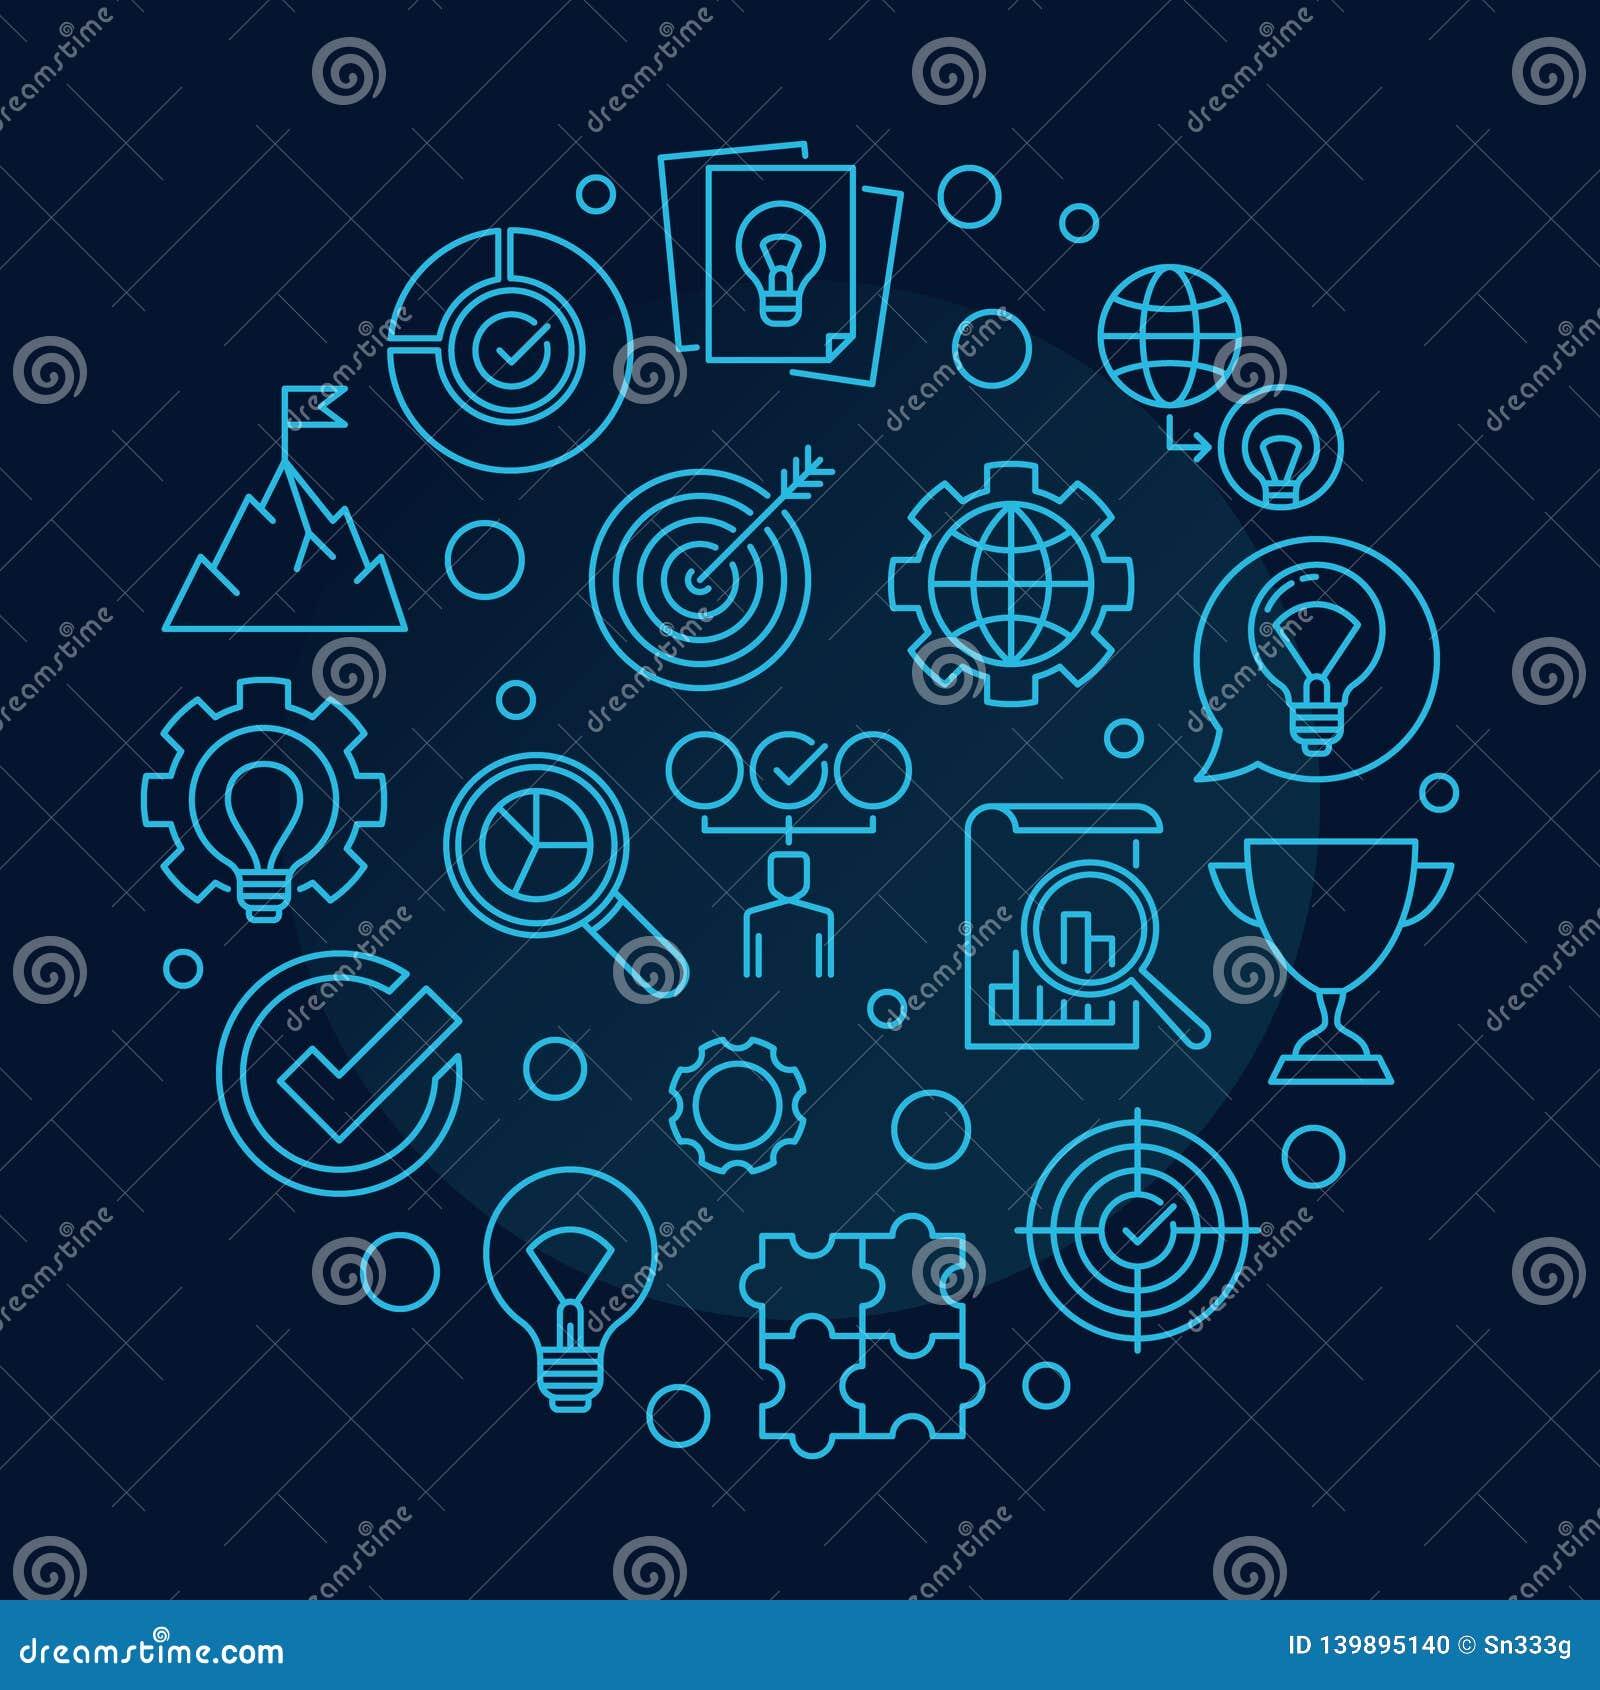 Runde Entwurfsillustration des Vektor-Handelswert-Konzeptes